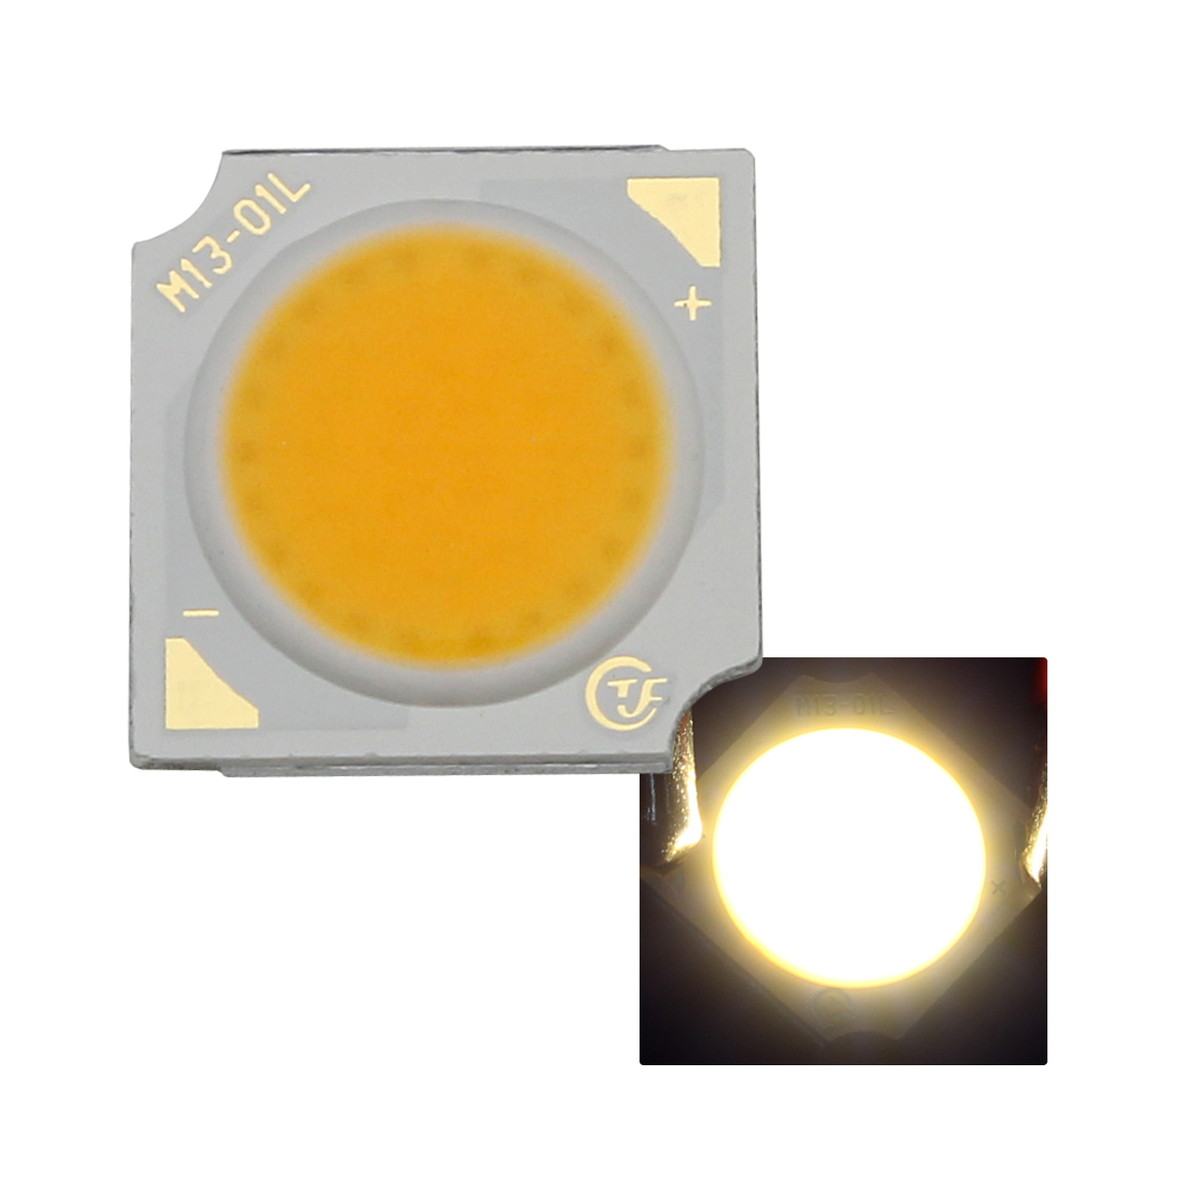 8437(1個) COB 1313 10W LEDモジュール 電球色 30-34V 320mA 3000-3200K 110-120lm 80Ra